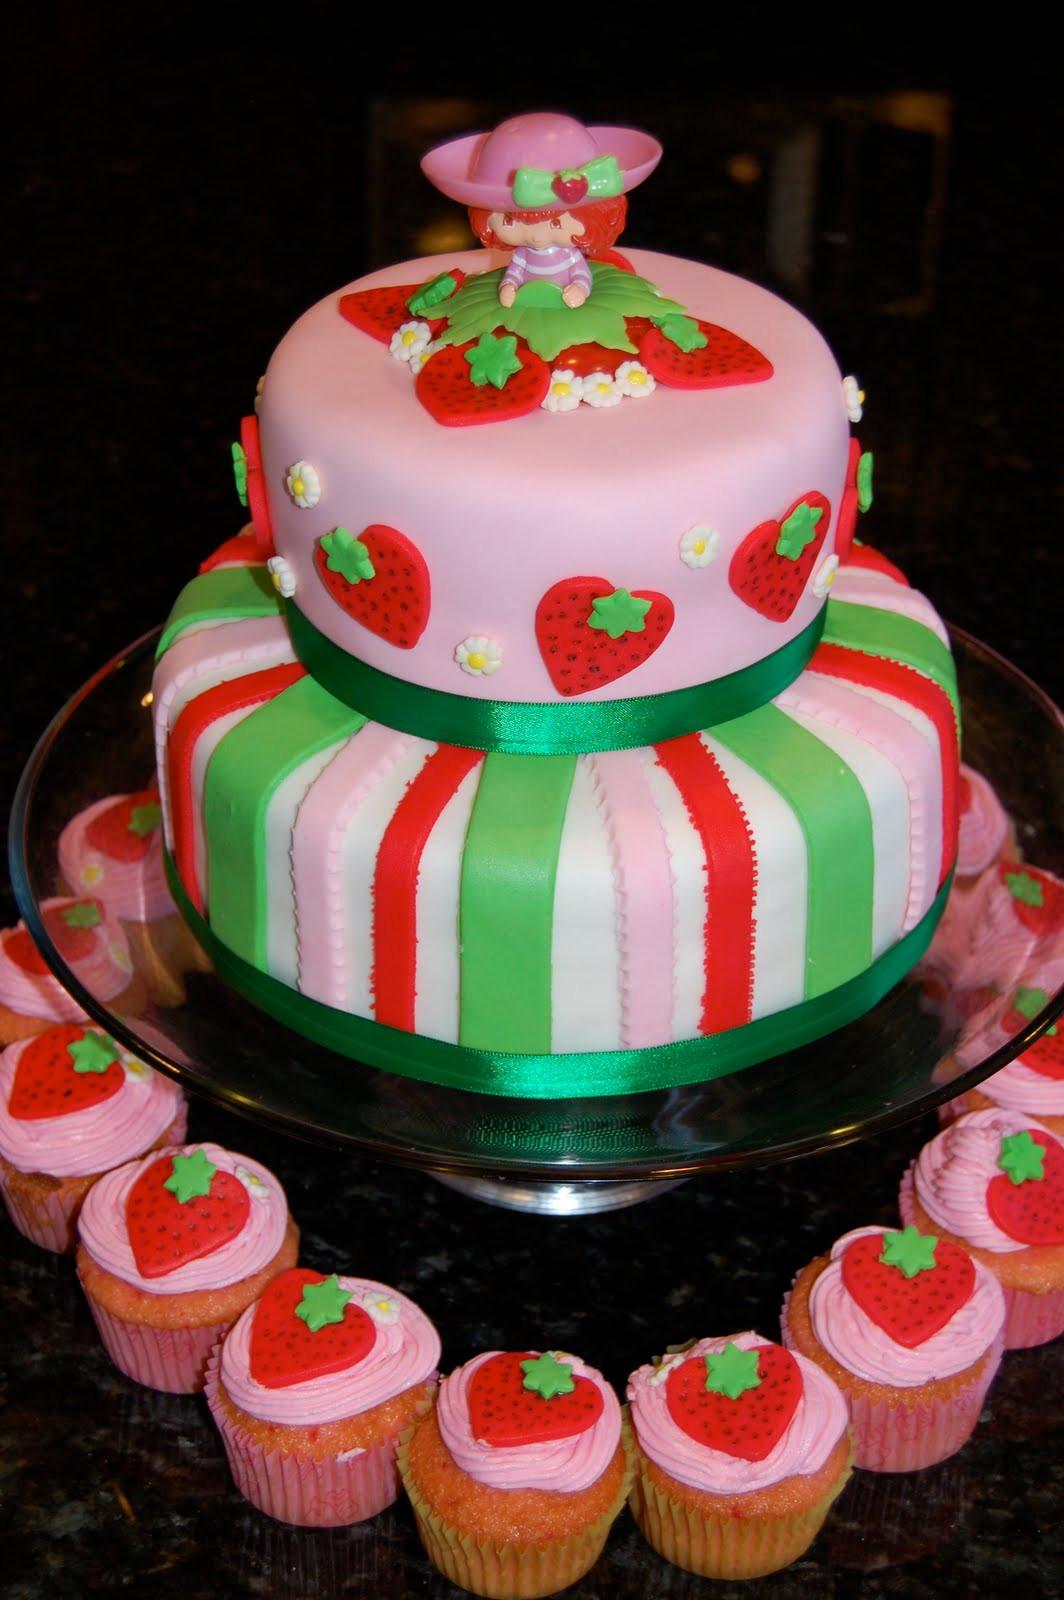 Strawberry Shortcake Cake  MKHKKH Strawberry Shortcake Cake